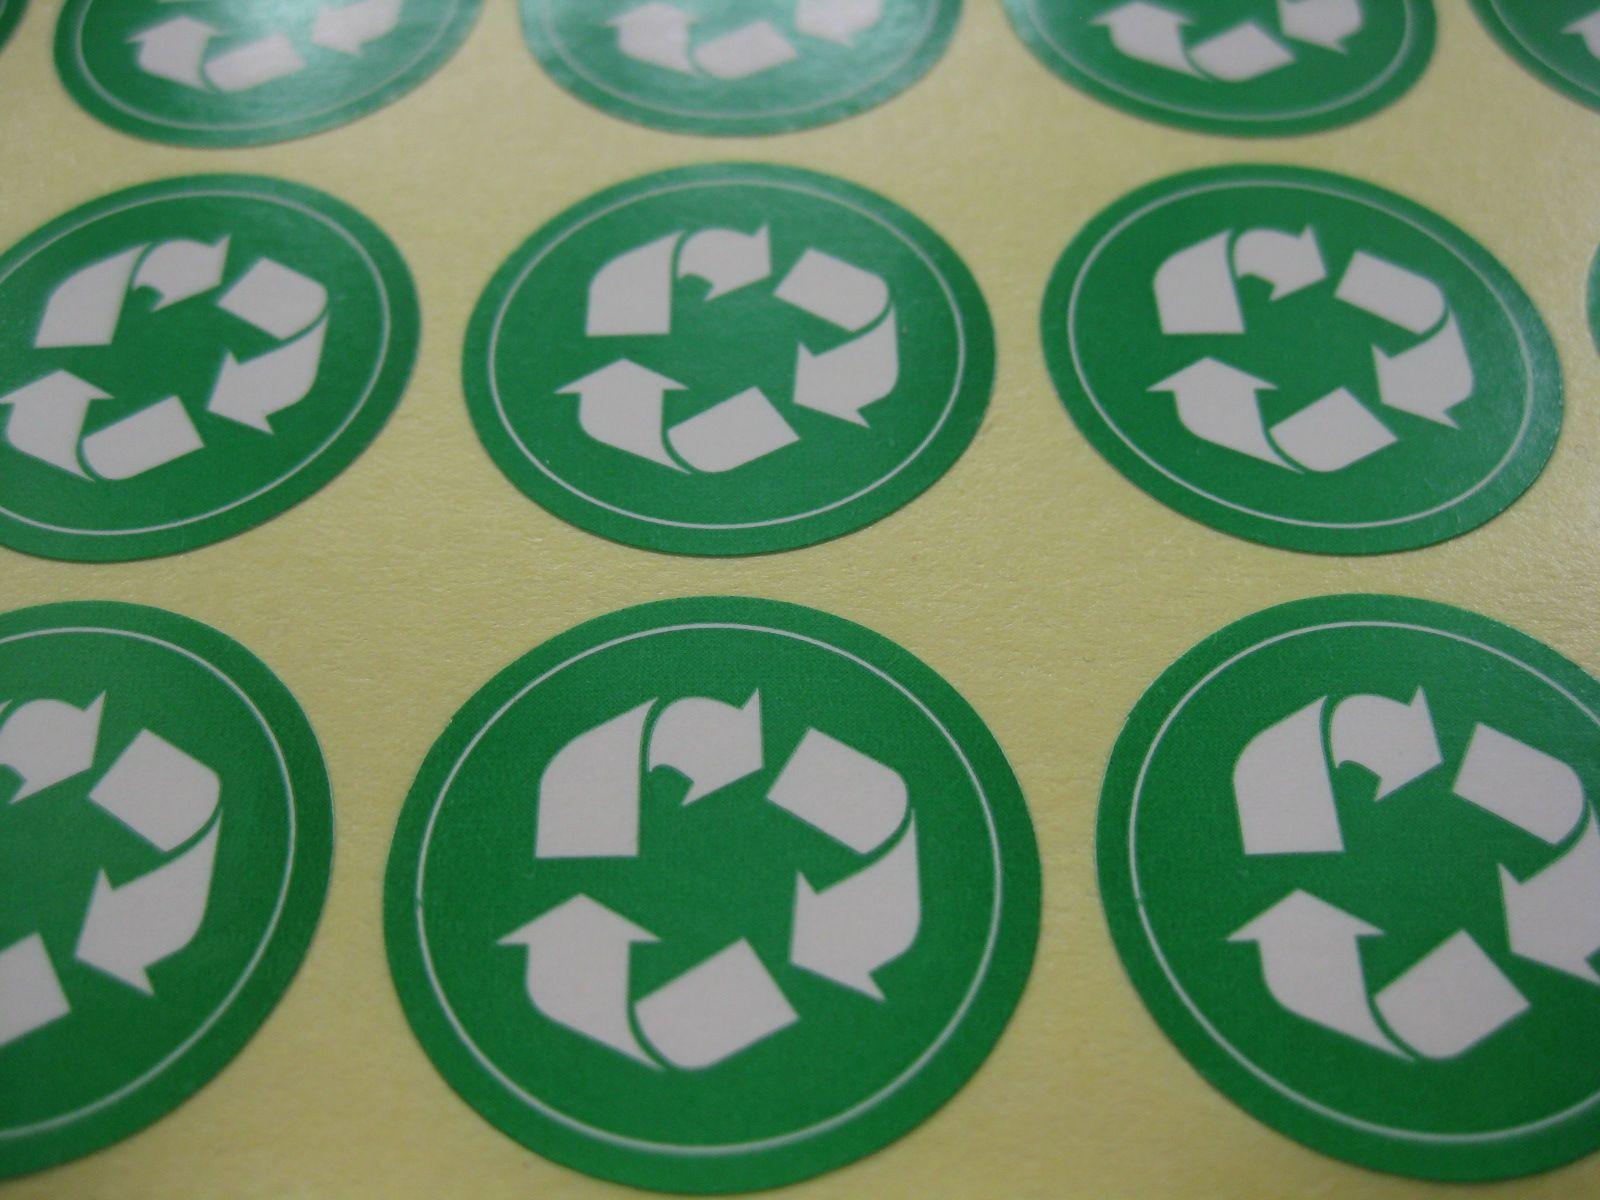 1000 unids/set 25mm símbolo de reciclaje, marca de protección ambiental, color verde etiqueta autoadhesiva, artículo No. GU15